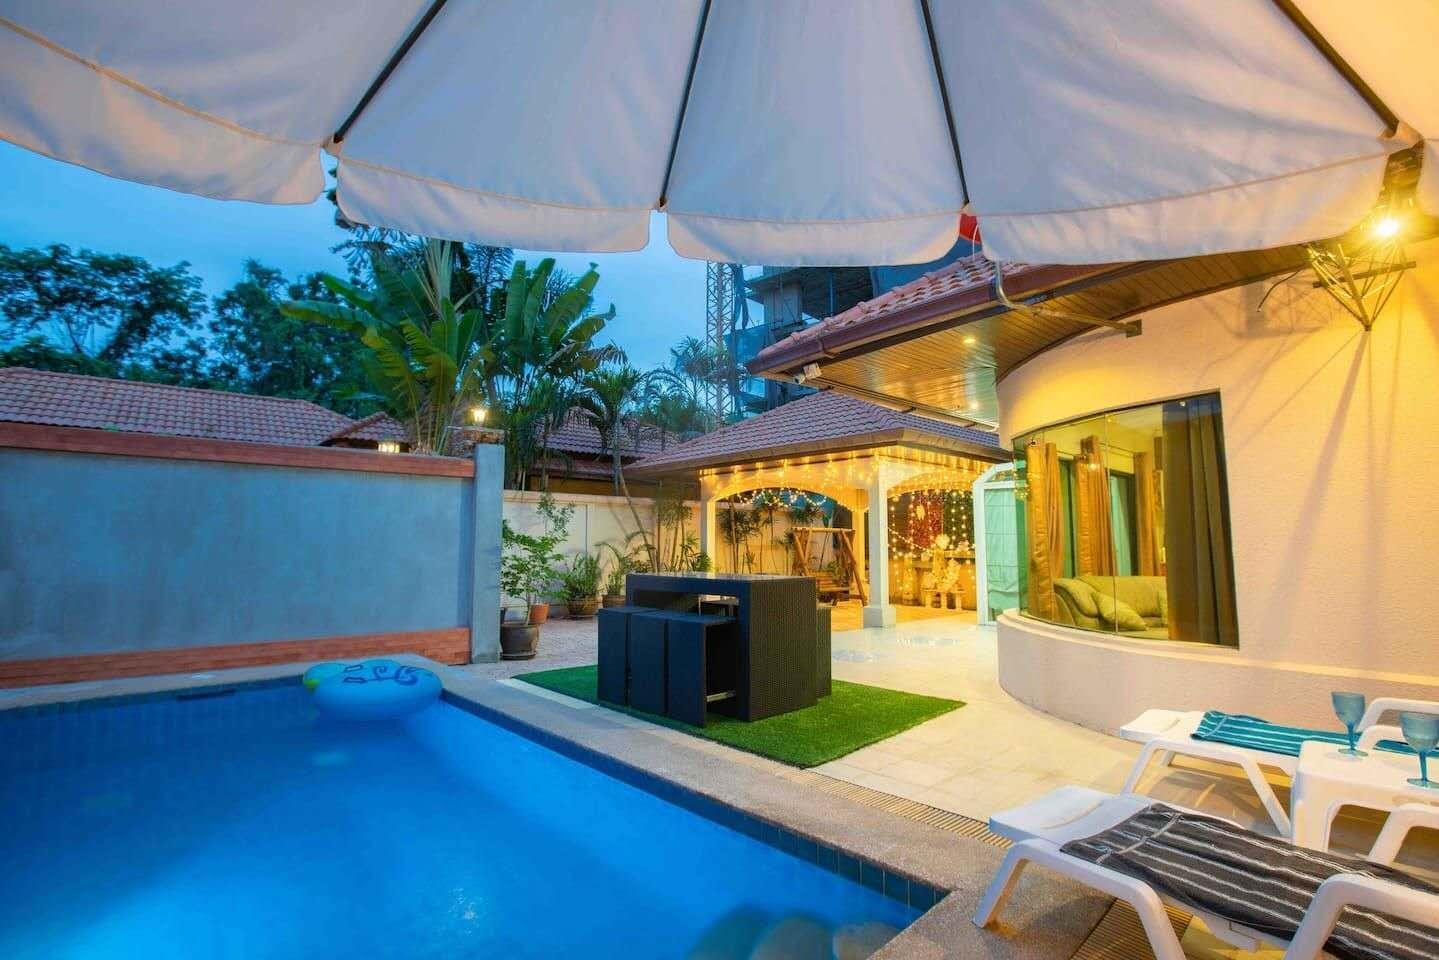 Central Pattaya 3 Bedroom Party Pool Villa